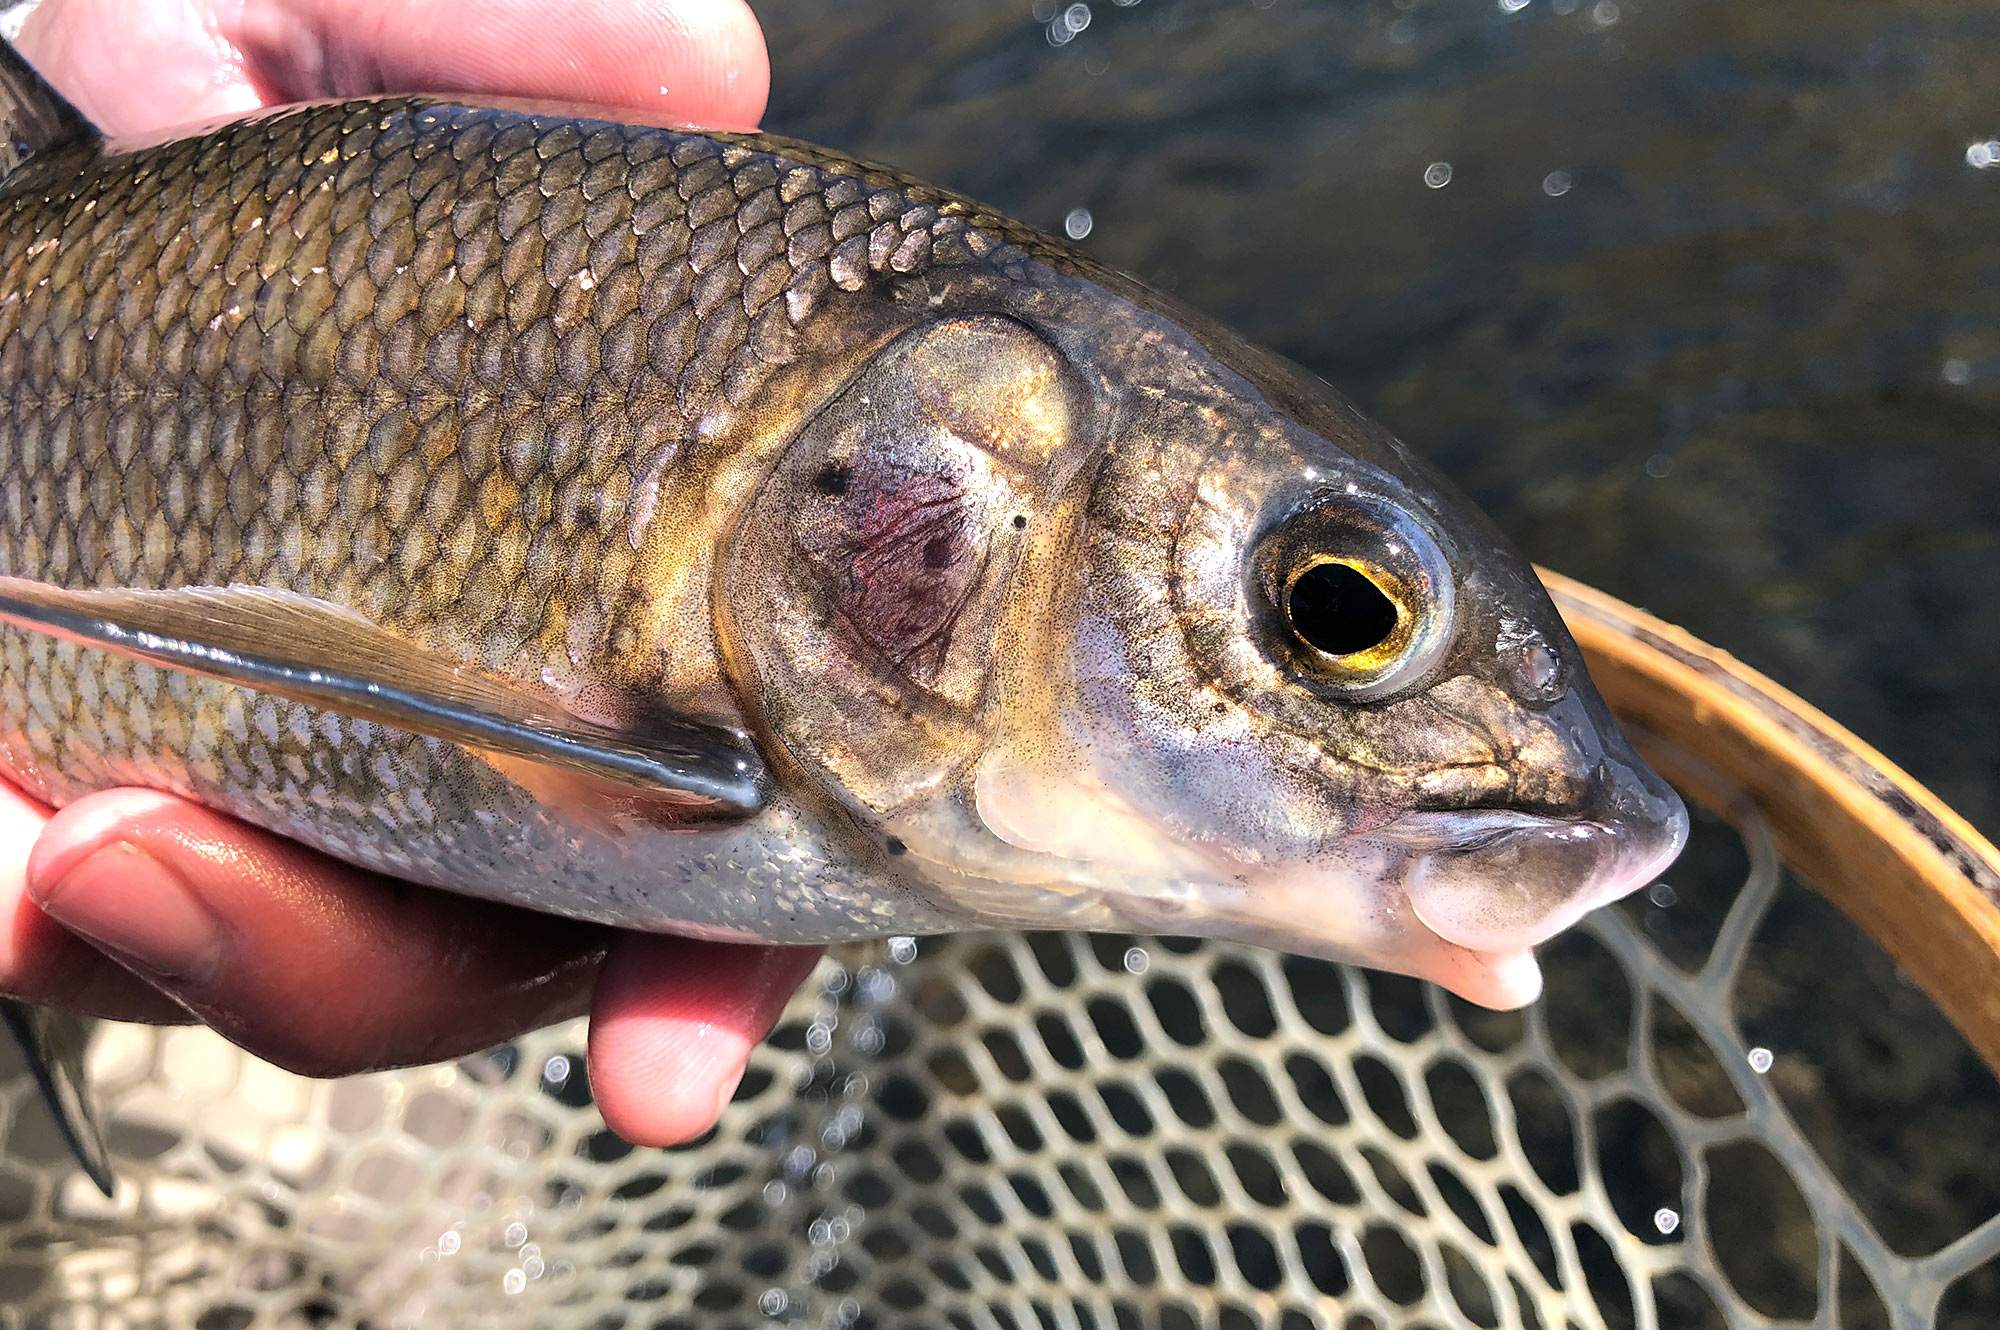 White fish